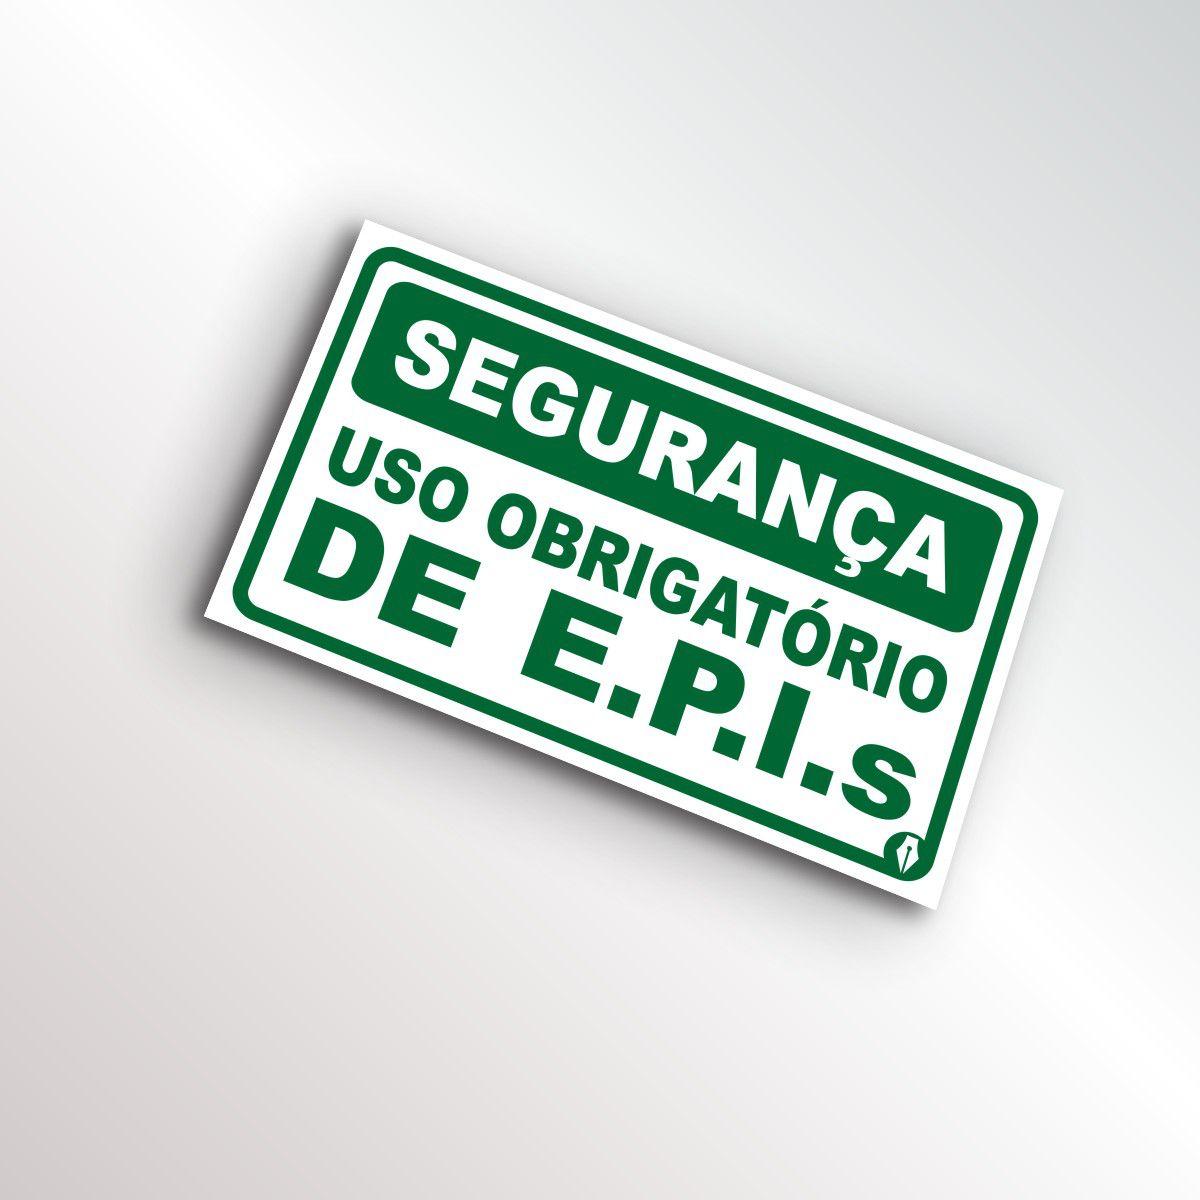 Placa Segurança - Uso Obrigatório de EPIs